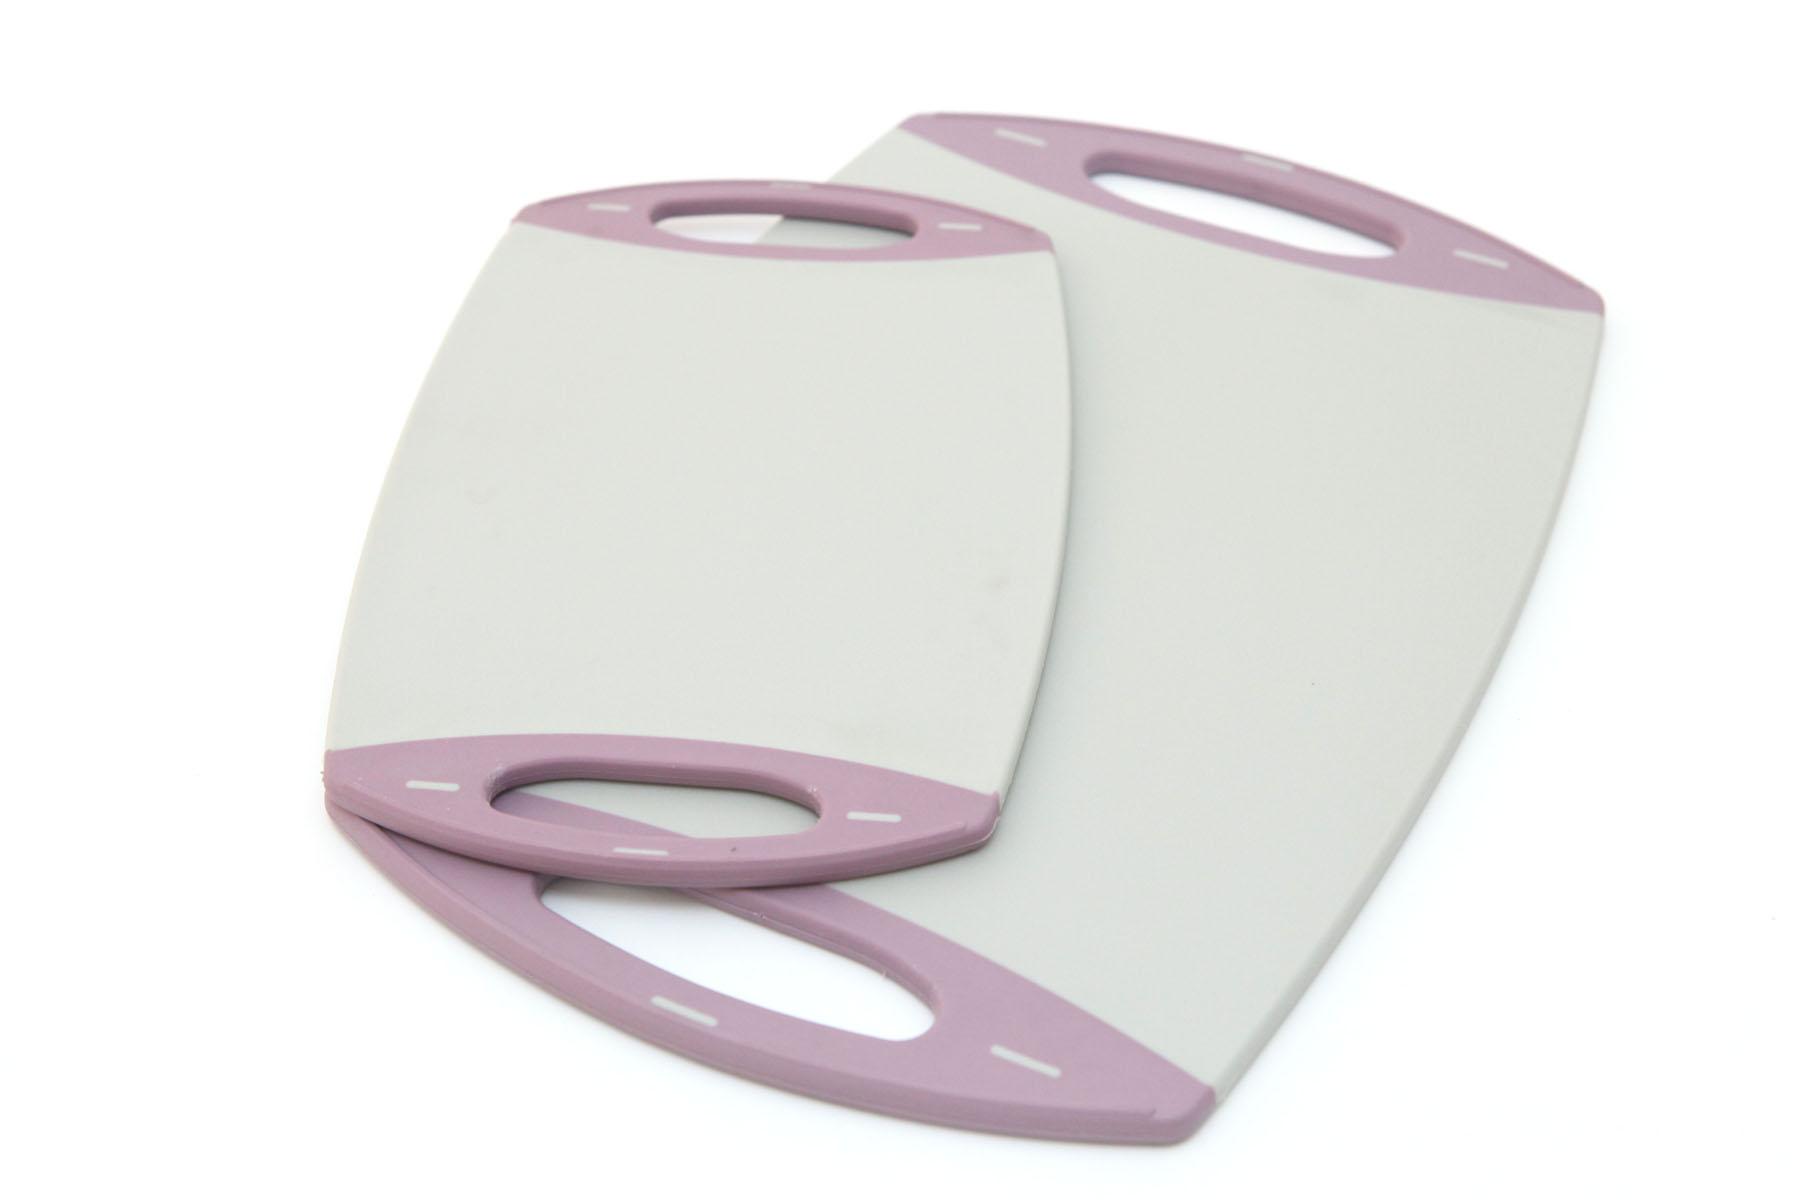 Набор разделочных досок Fissman, цвет: серый, фиолетовый, 2 шт